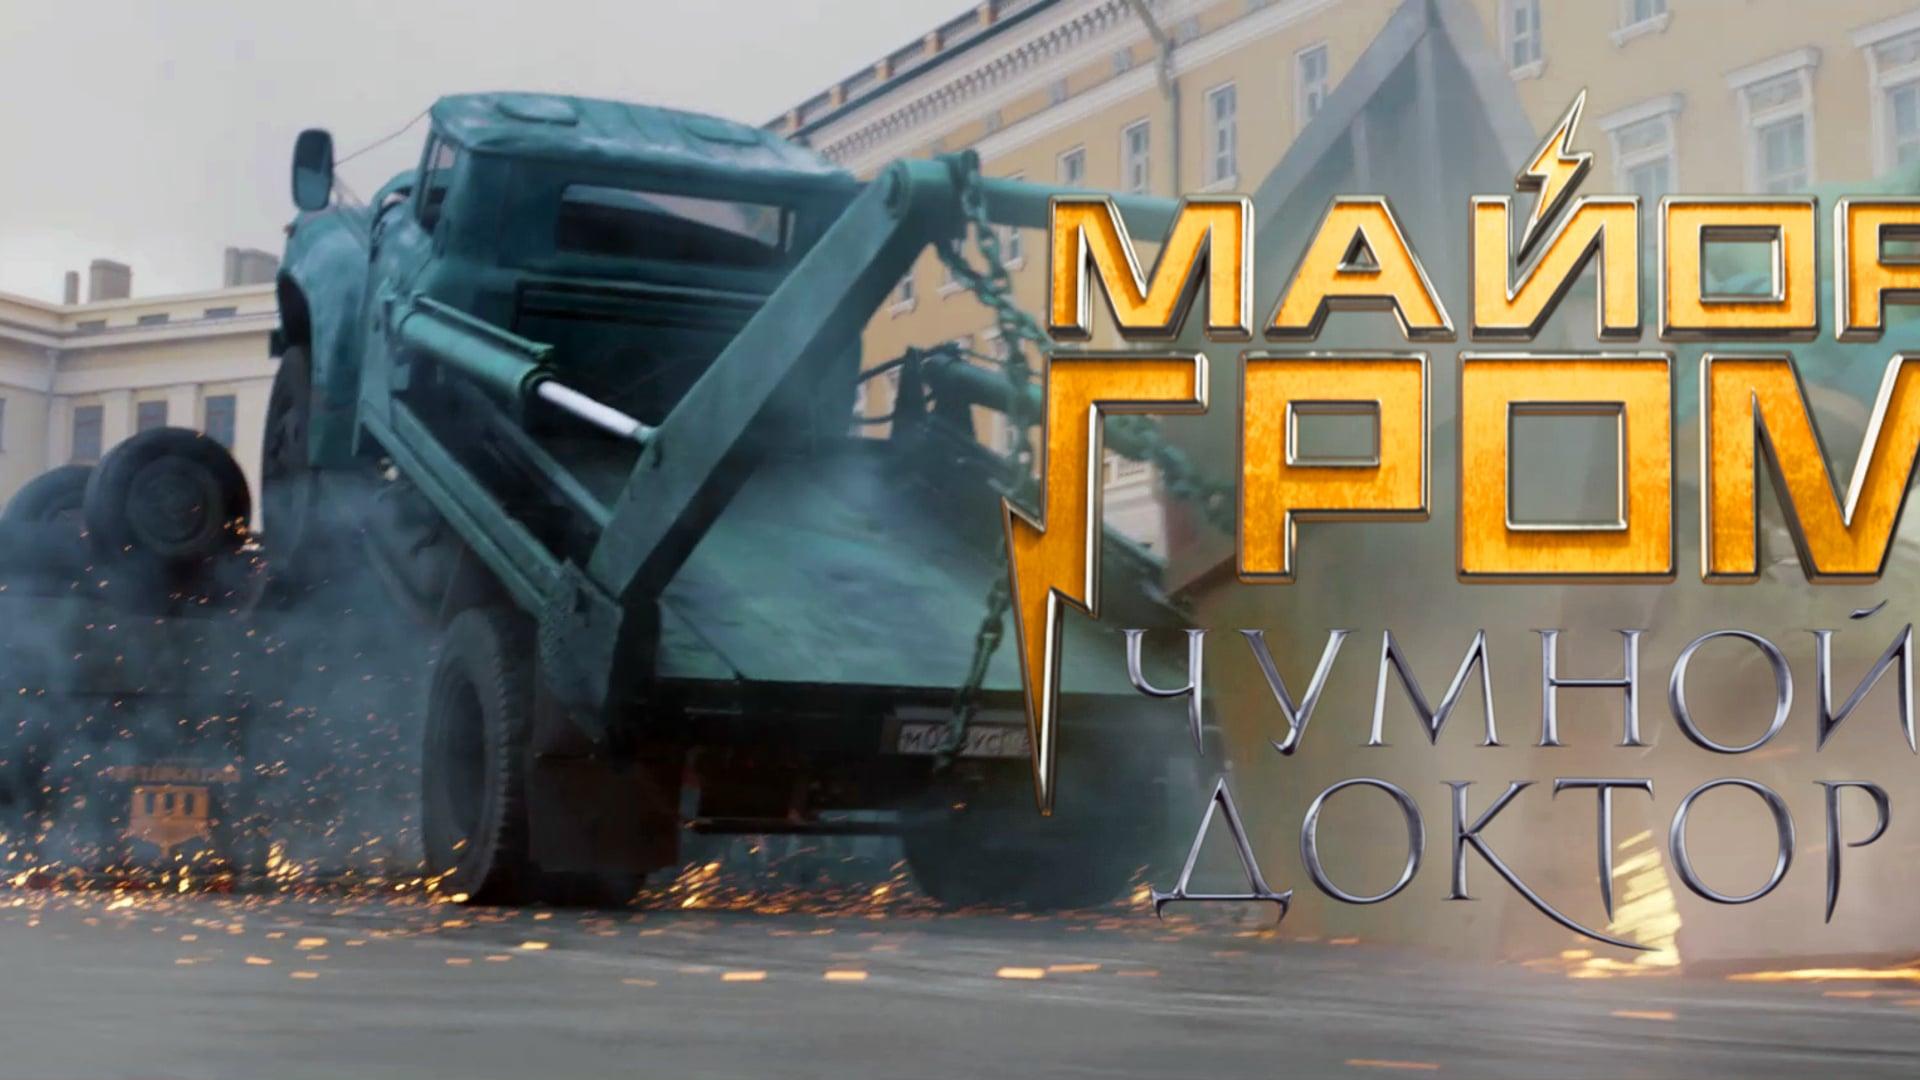 vfx breakdown2 MAJOR GROM